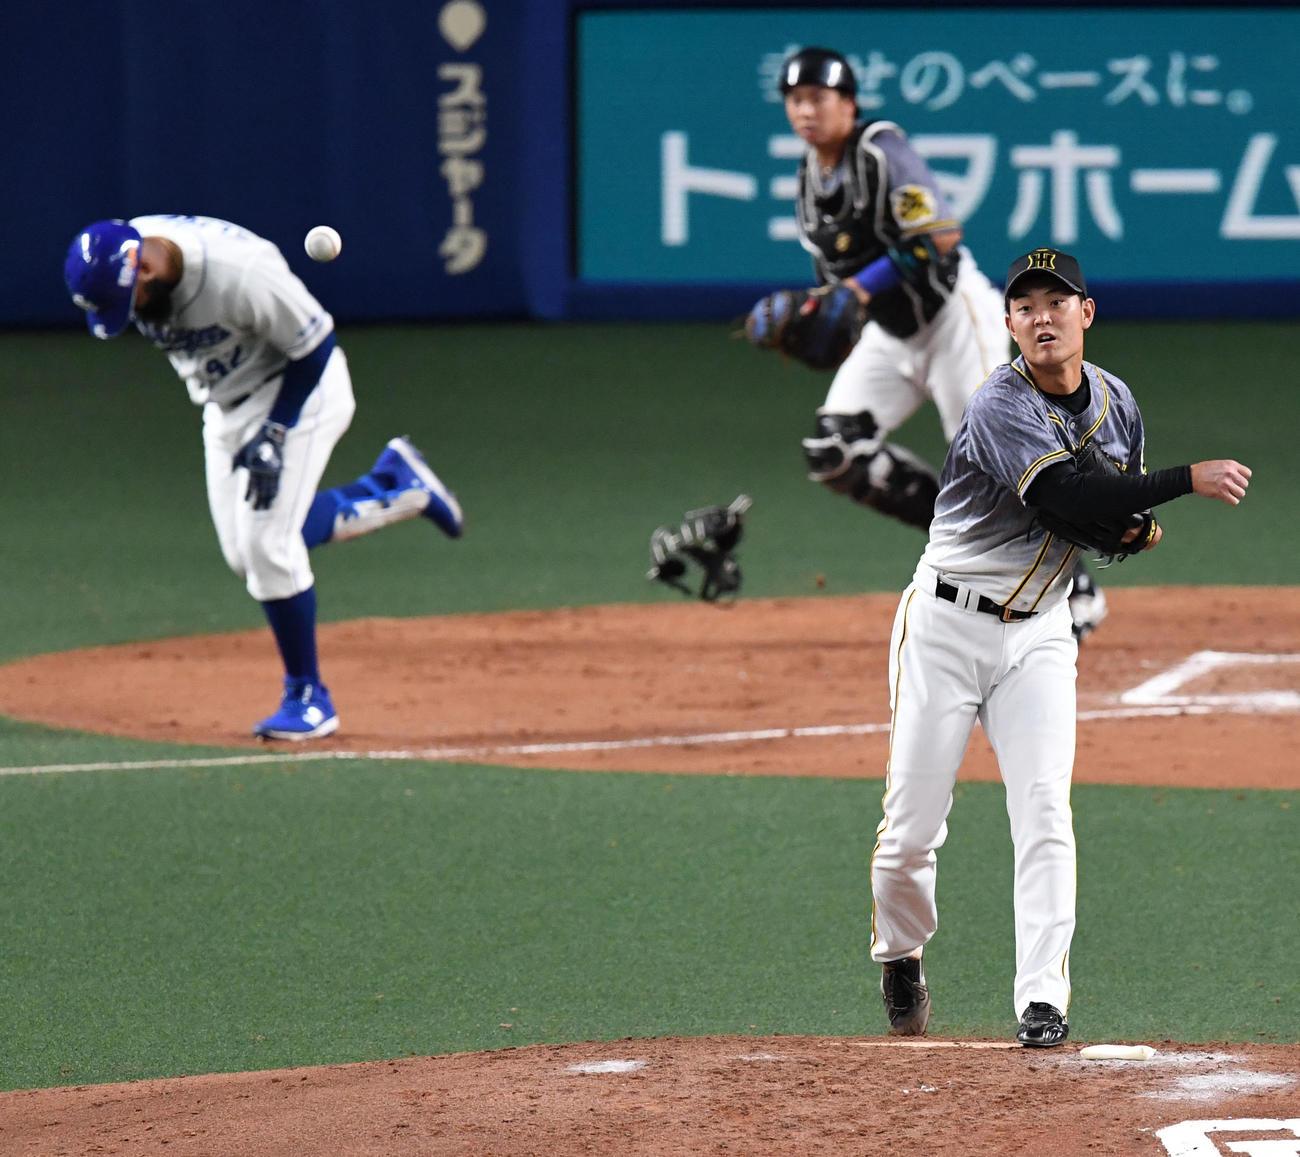 中日対阪神 7回裏中日無死一塁、アルモンテの打球を捕球した望月は二塁へ悪送球(撮影・前岡正明)